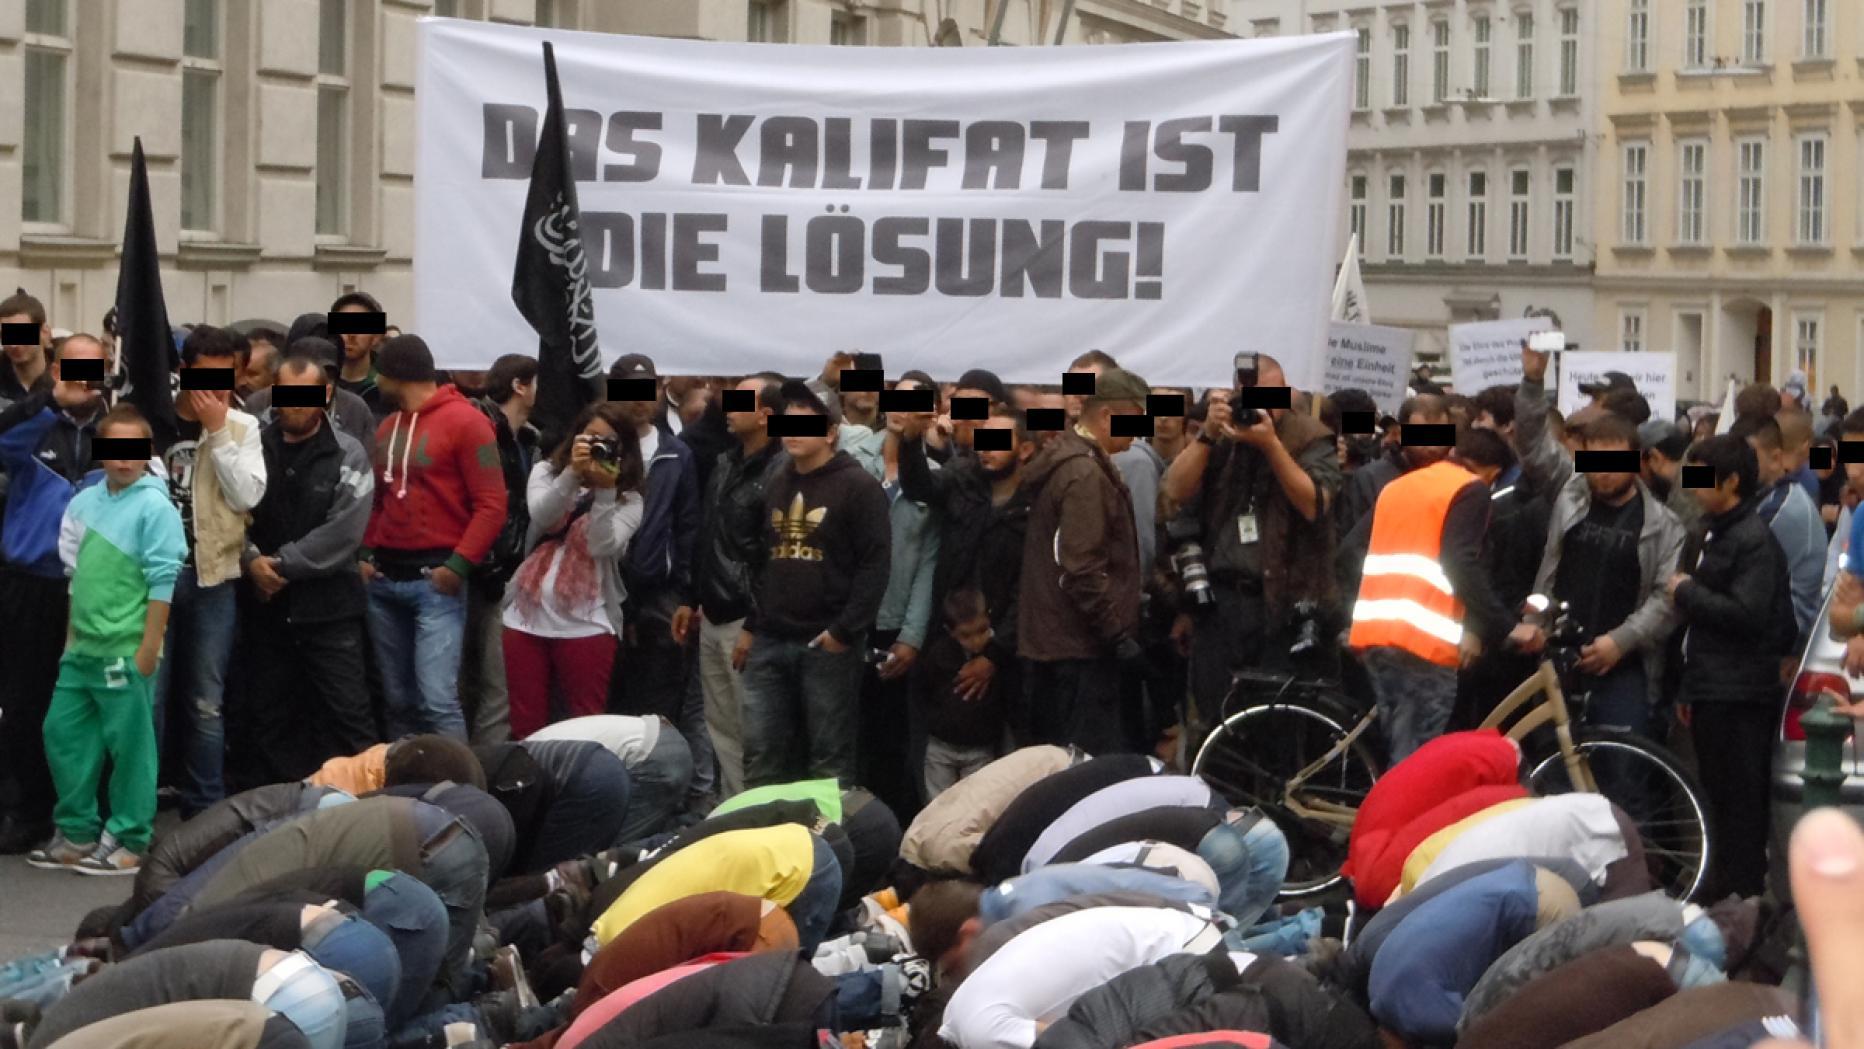 Bildergebnis für demonstration tschetschenen wien